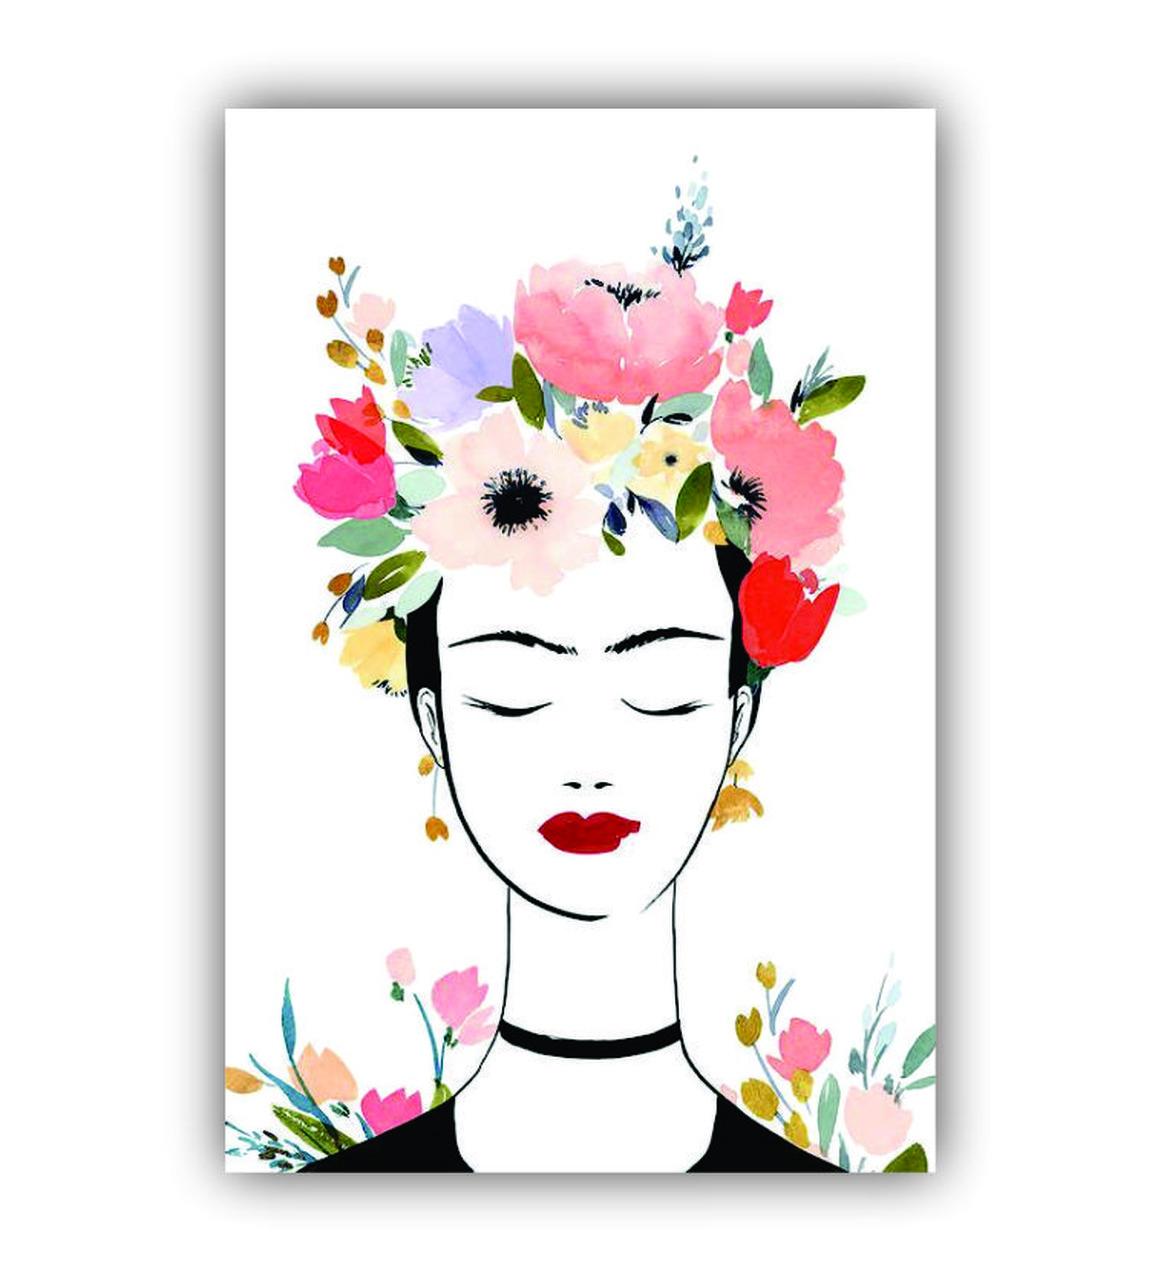 Quadro Frida Kahlo Feminino Delicado Empoderamento - Tela Única